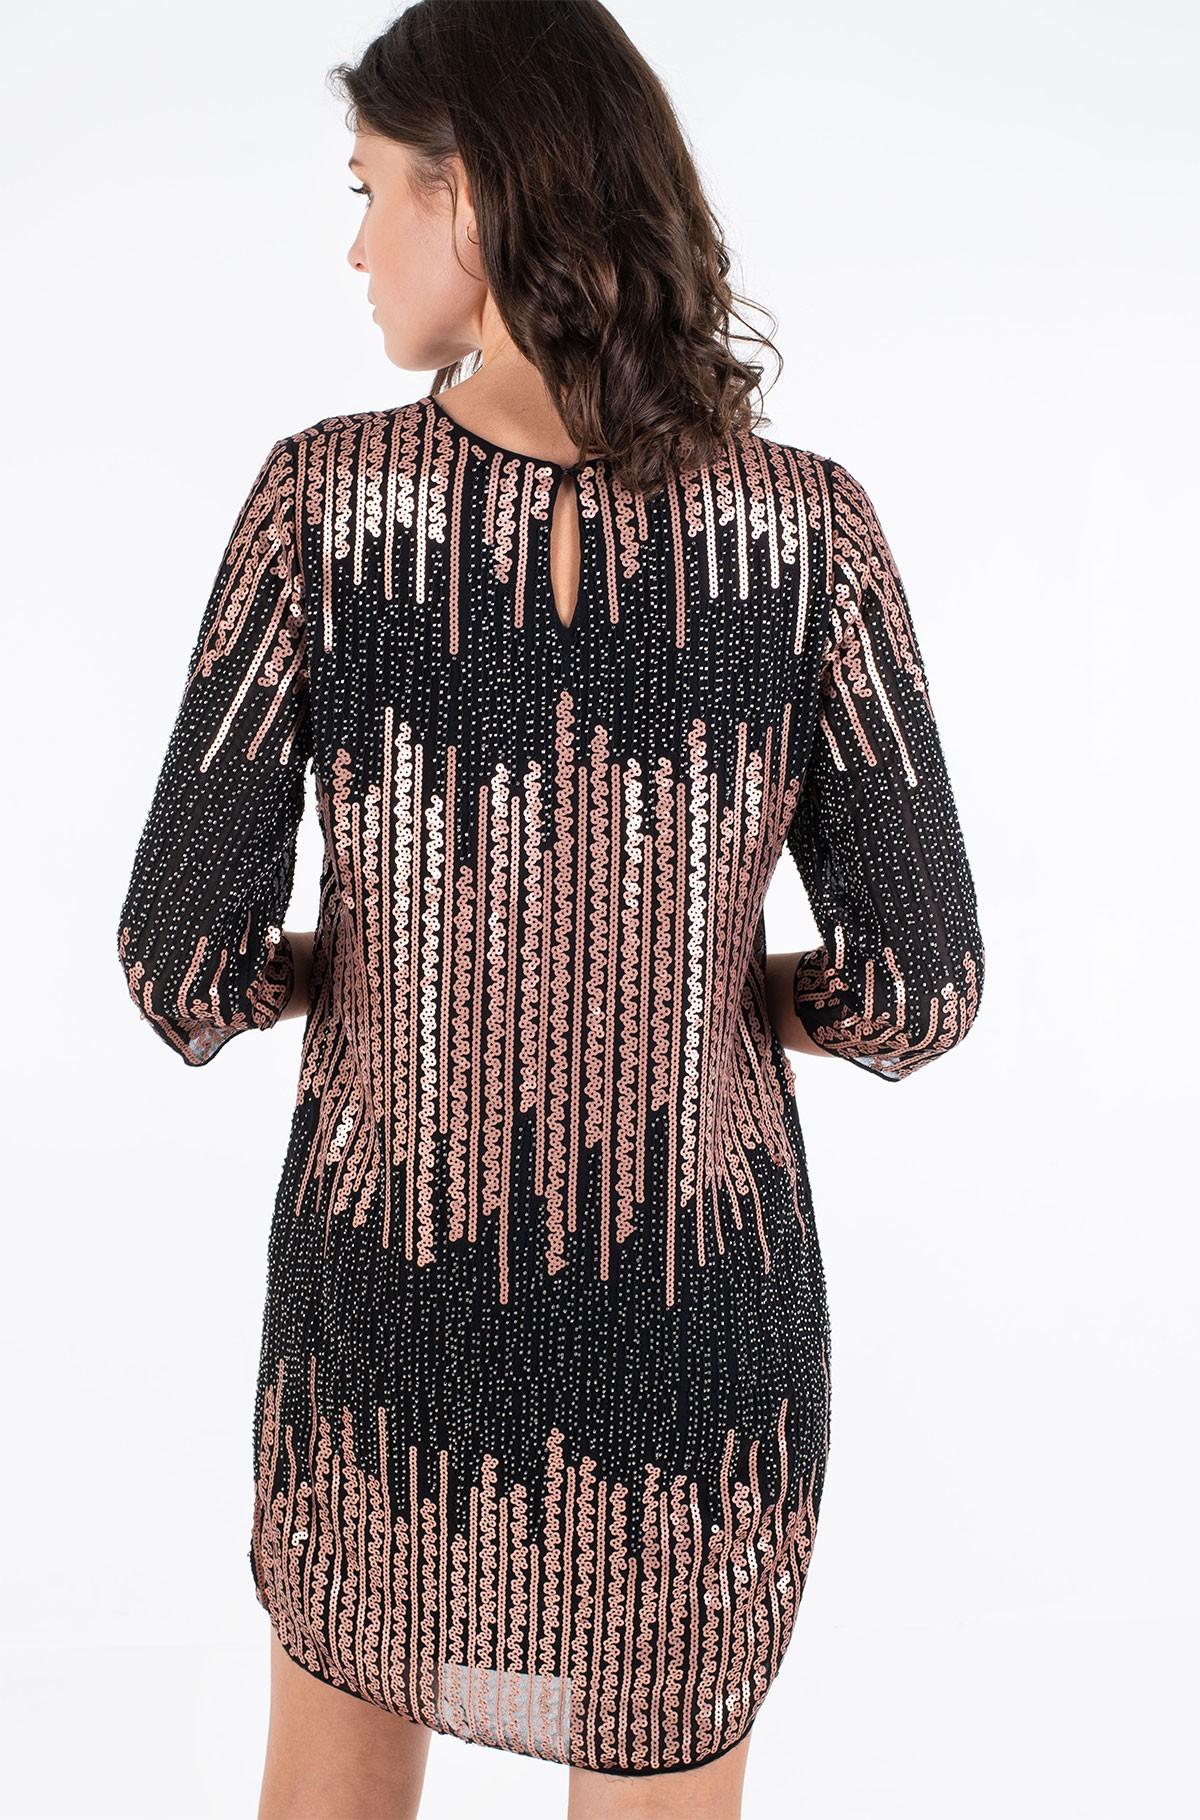 Suknelė su žvyneliais W727H20-full-3